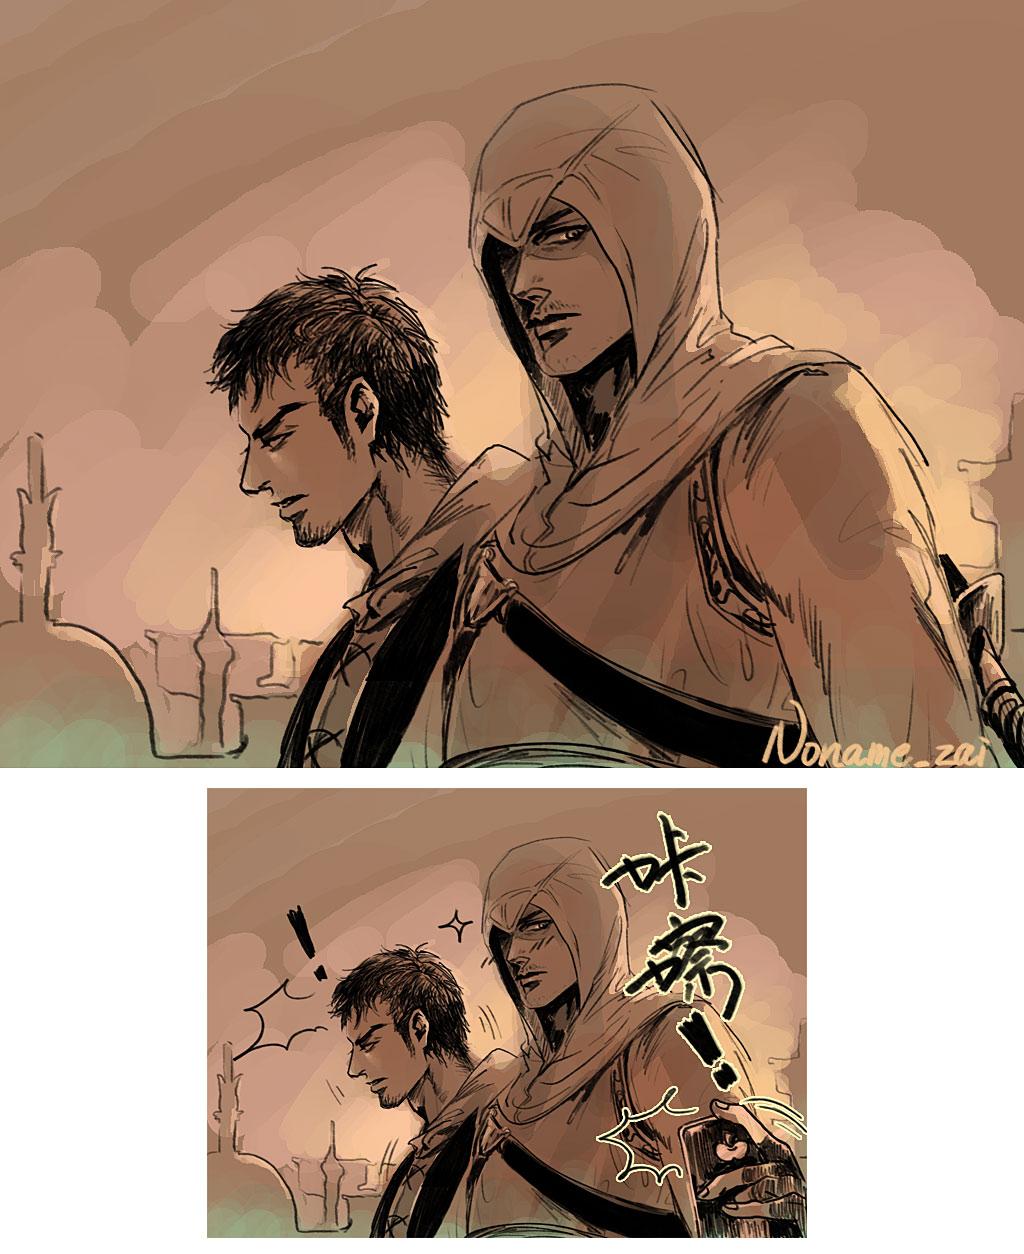 http://fc01.deviantart.net/fs71/f/2012/304/2/f/assassin__s_creed_altair_malik_by_nonamezai-d5jm0dx.jpg